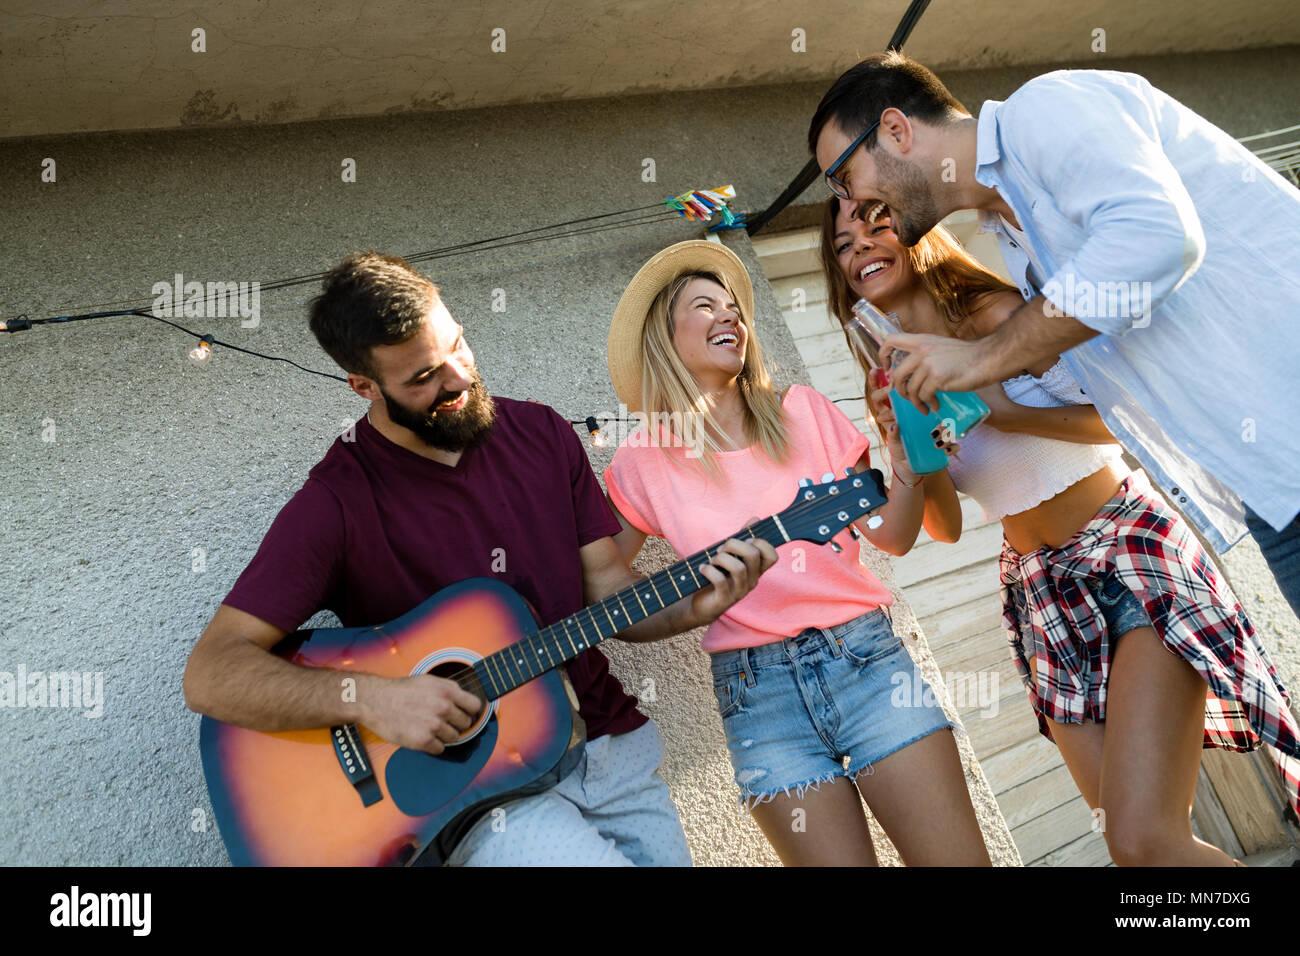 Happy amici ridendo e sorridendo all'aperto Immagini Stock